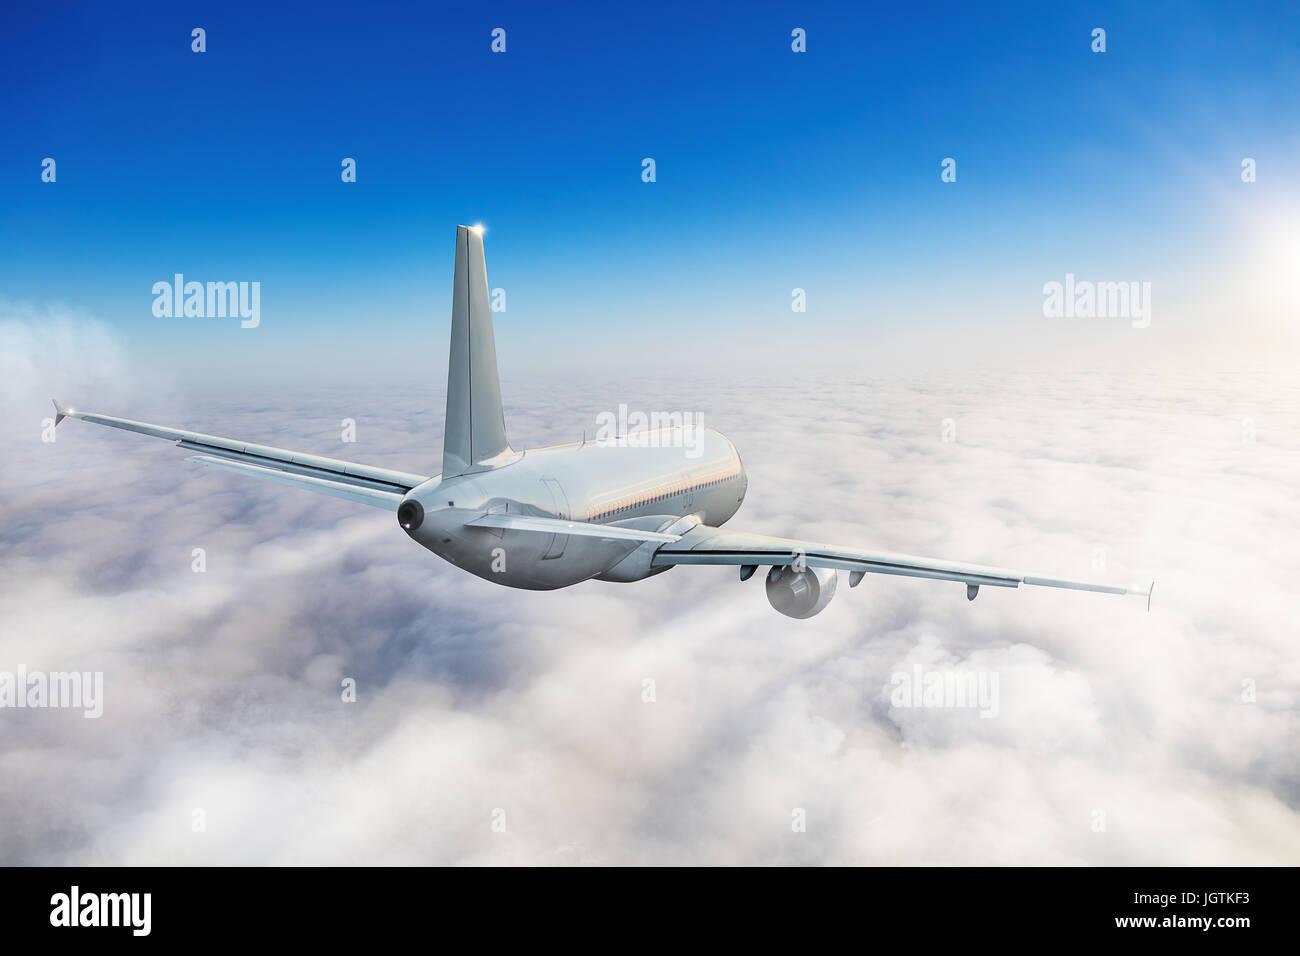 Passagiere-Flugzeug über Wolken fliegen. Transport und Reise-Konzept. Aerial Vehicles für schnelle Reisen Stockbild